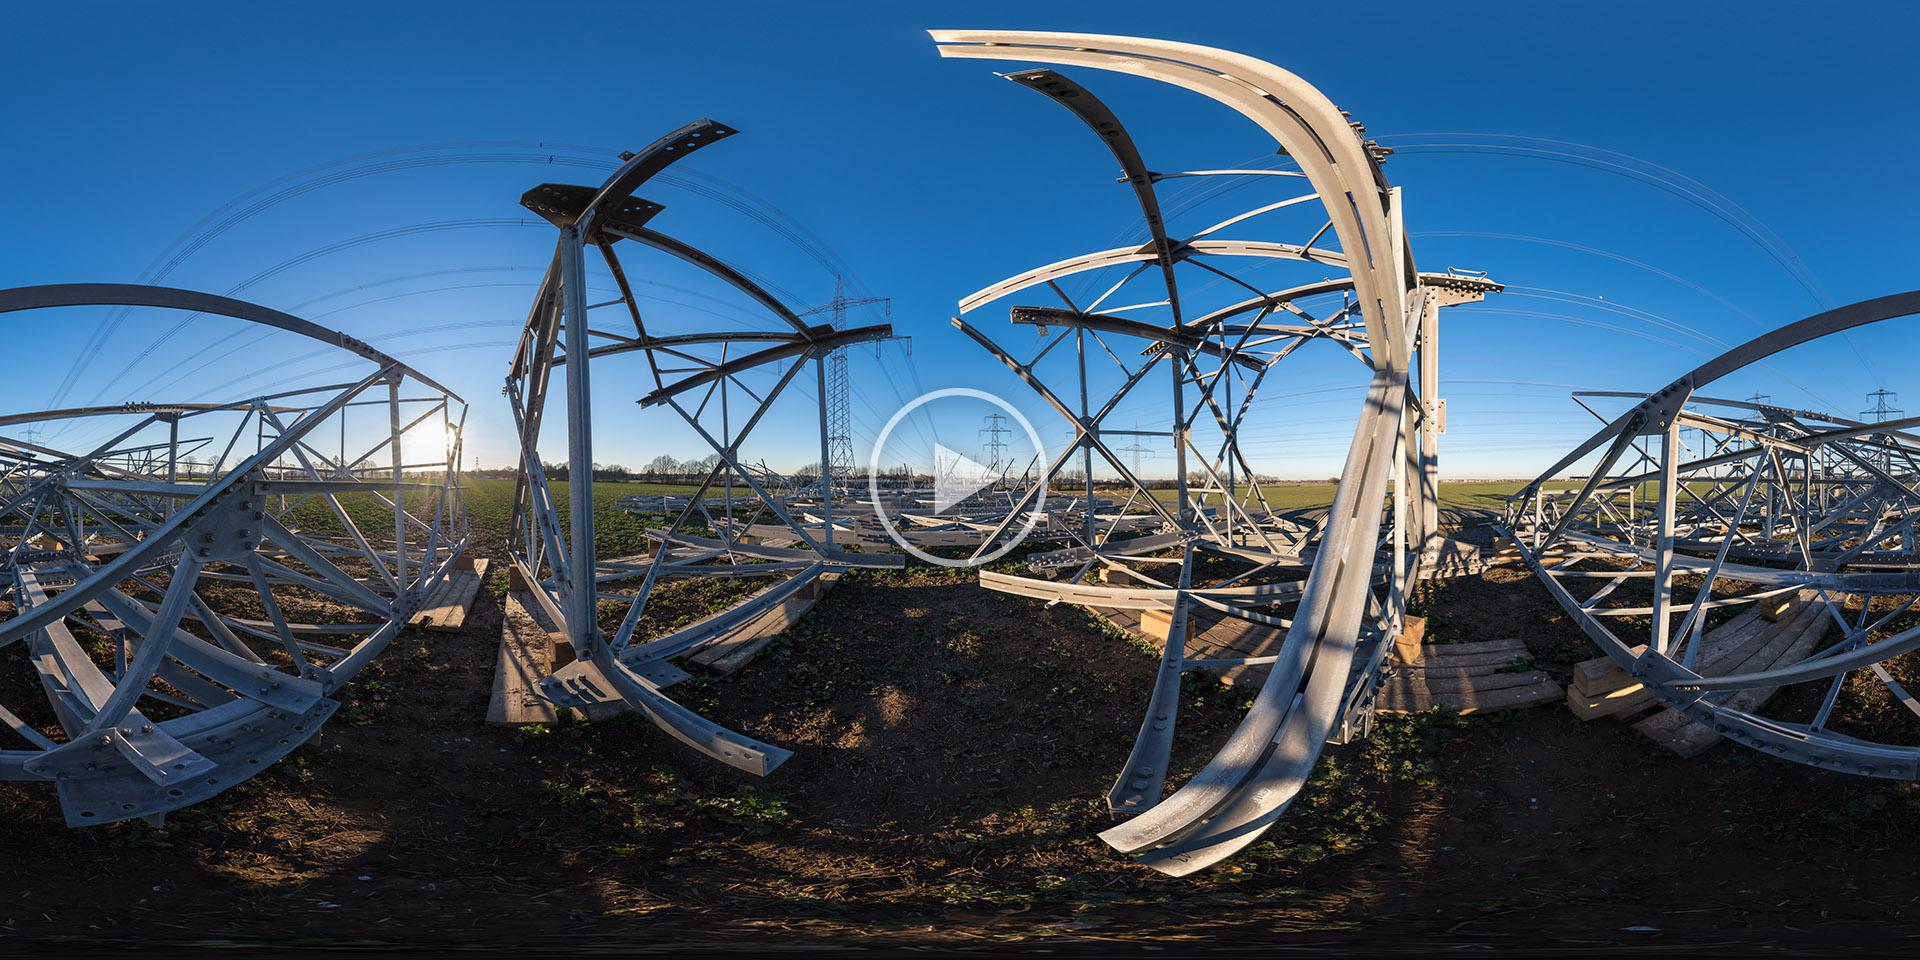 Netzausbau Baustelle einer Freileitung - Panoramafotografie von Chris Witzani